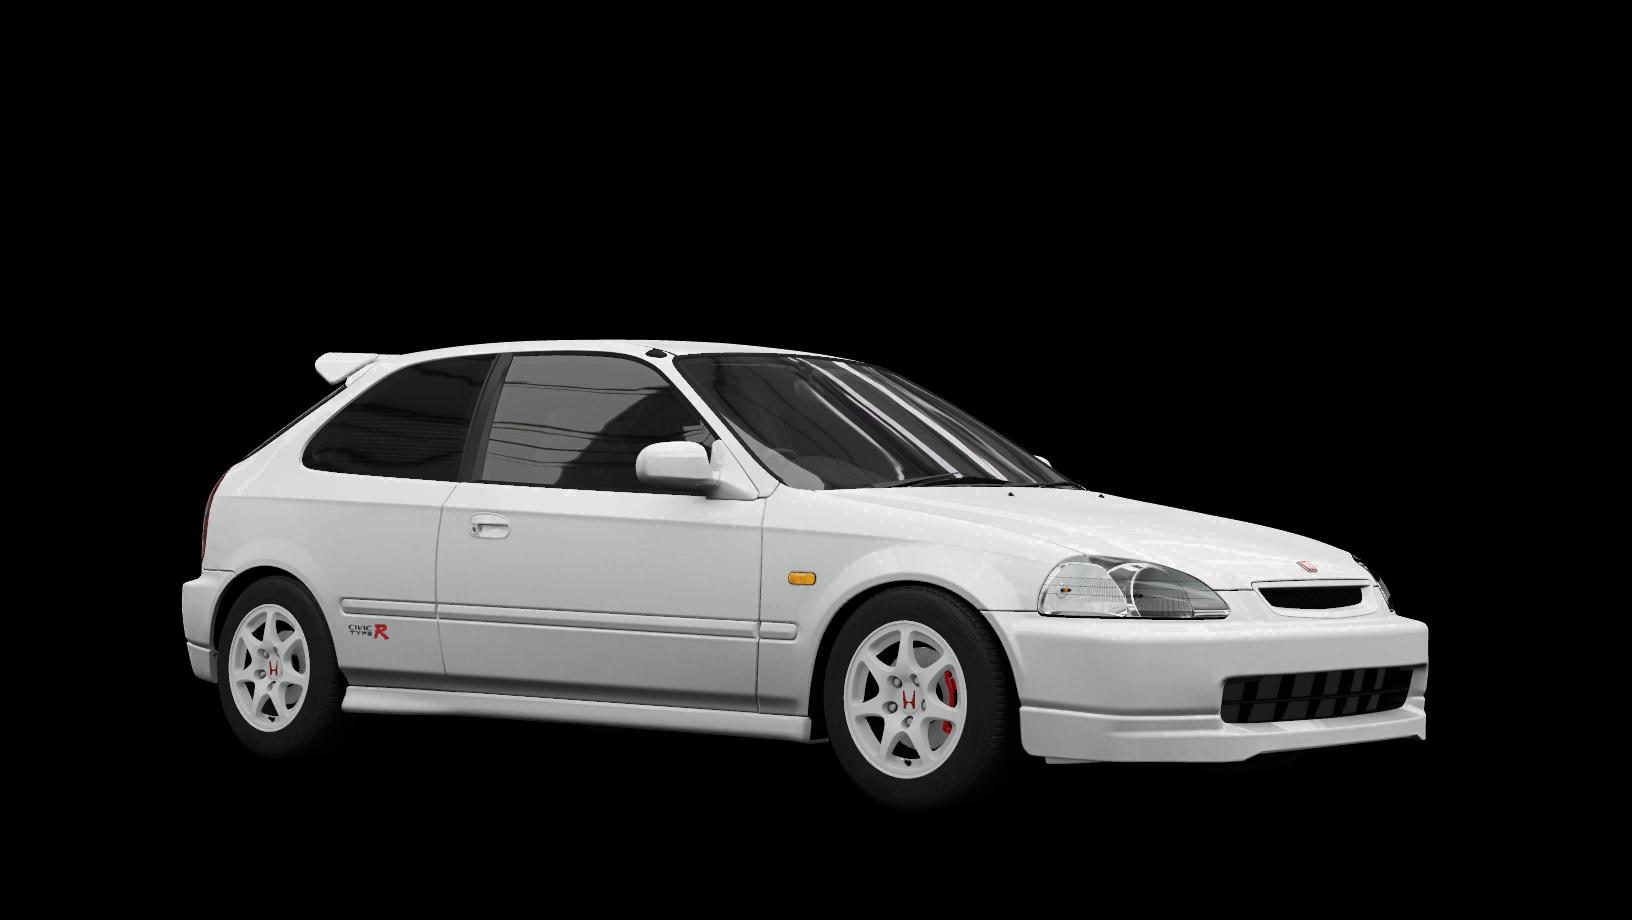 Kelebihan Honda Civic 97 Tangguh